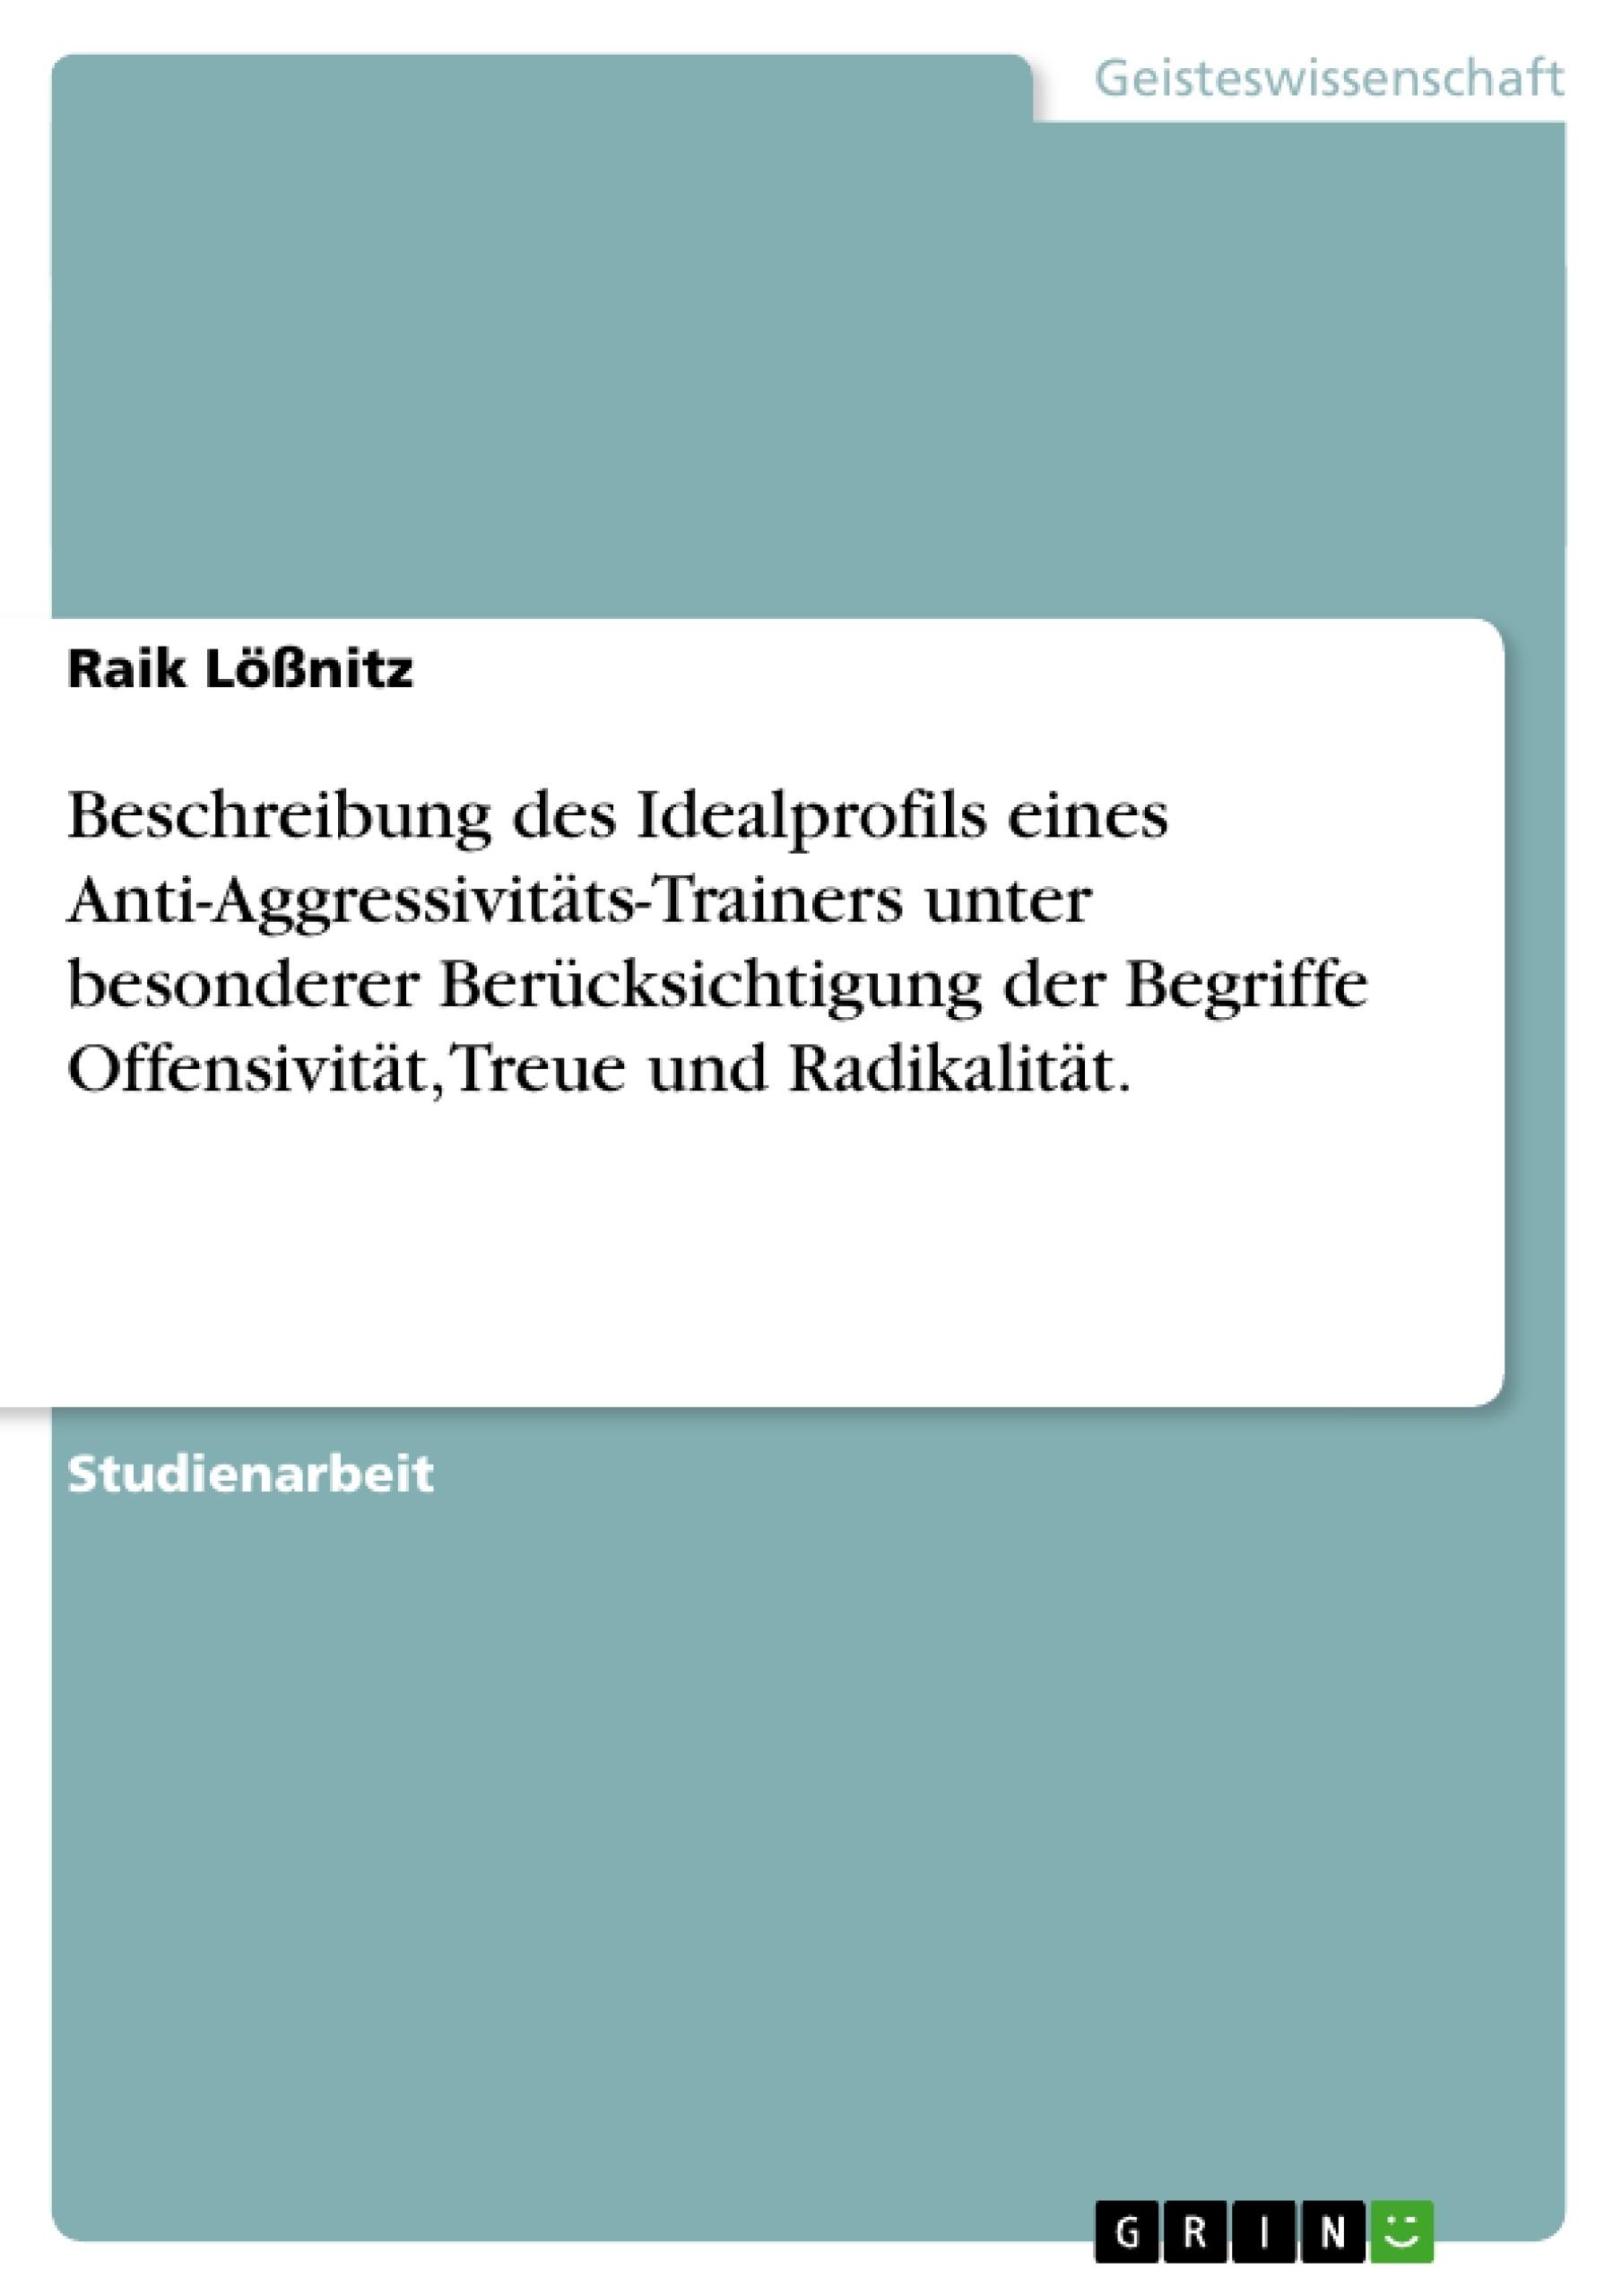 Titel: Beschreibung des Idealprofils eines Anti-Aggressivitäts-Trainers unter besonderer Berücksichtigung der Begriffe Offensivität, Treue und Radikalität.